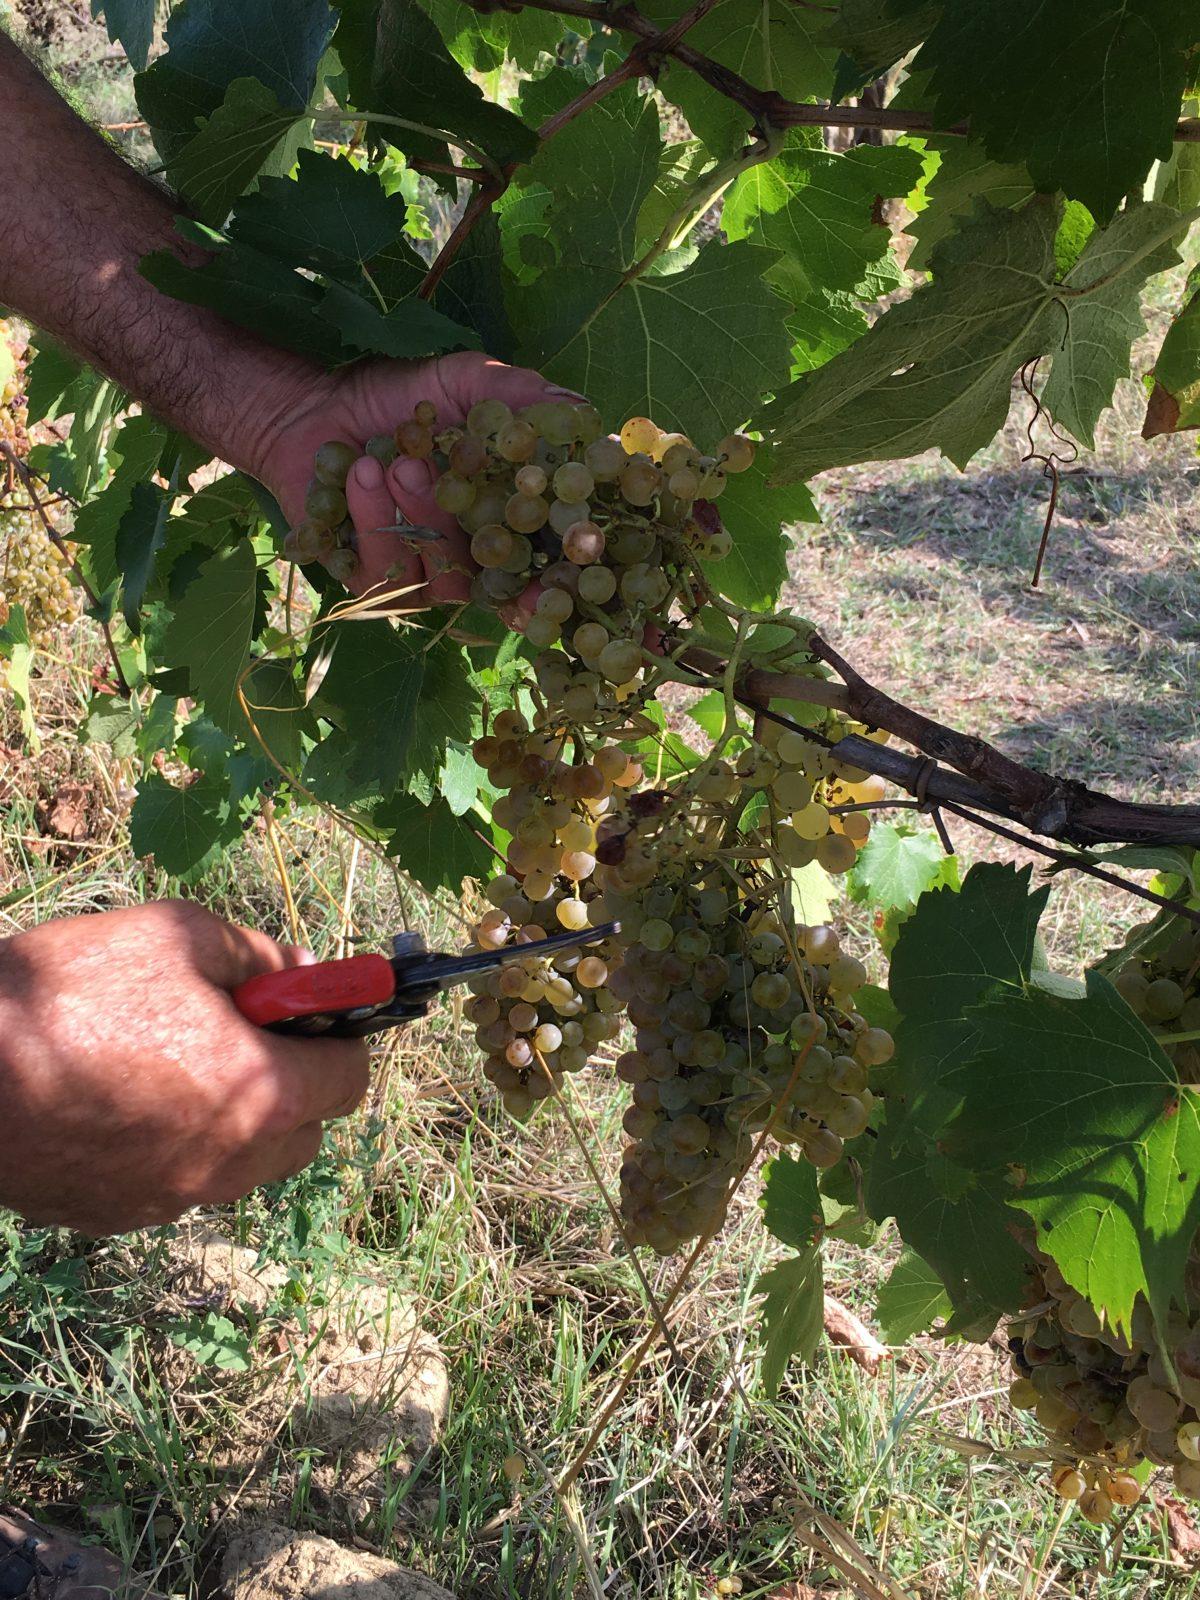 2016 09 23 15.21.13 - La Marronaia - amphora wine